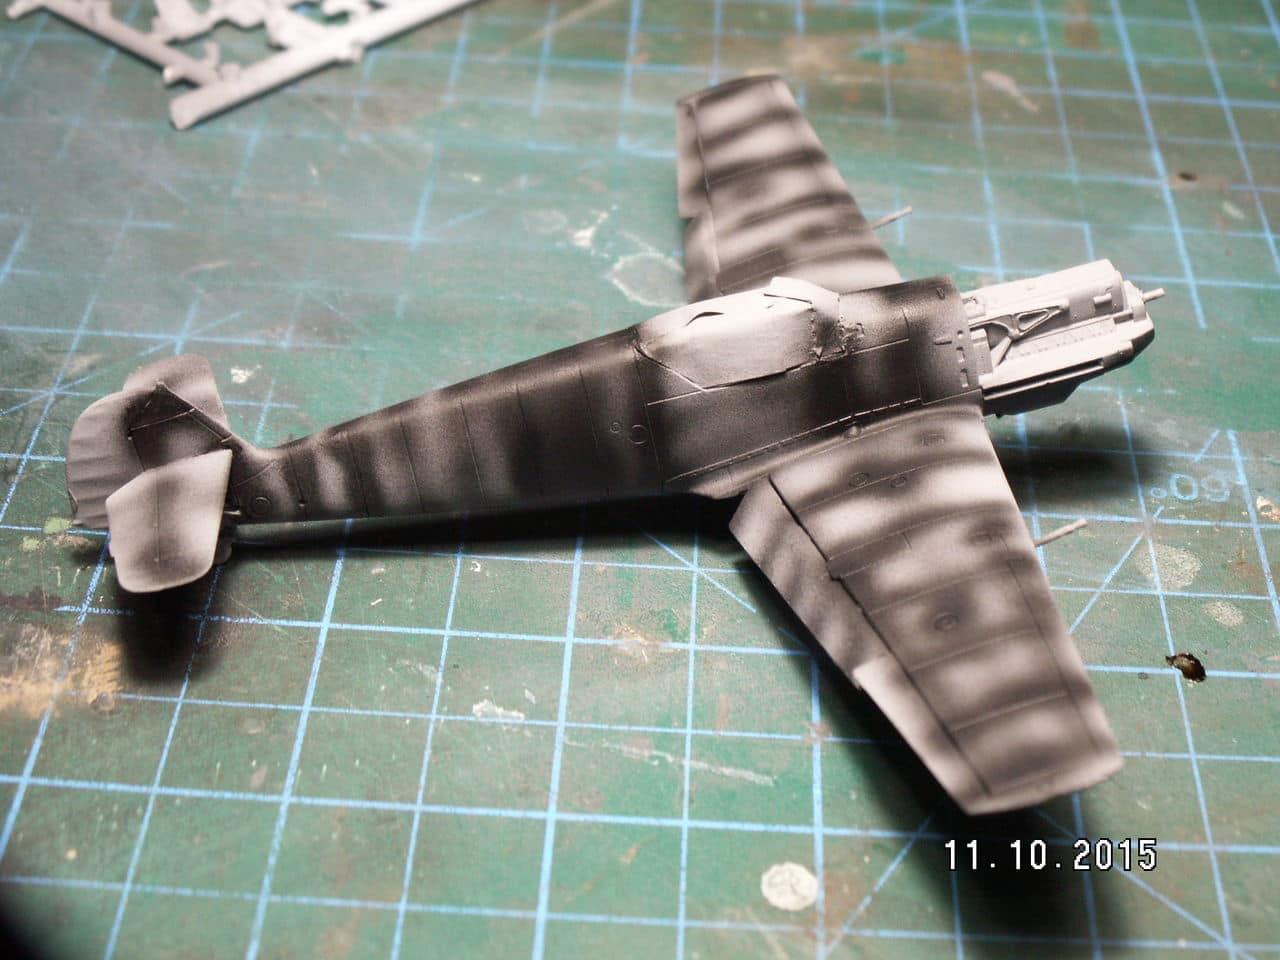 Messerschmitt Bf 109 E-3 / E-4 arfix - Σελίδα 2 PICT0123